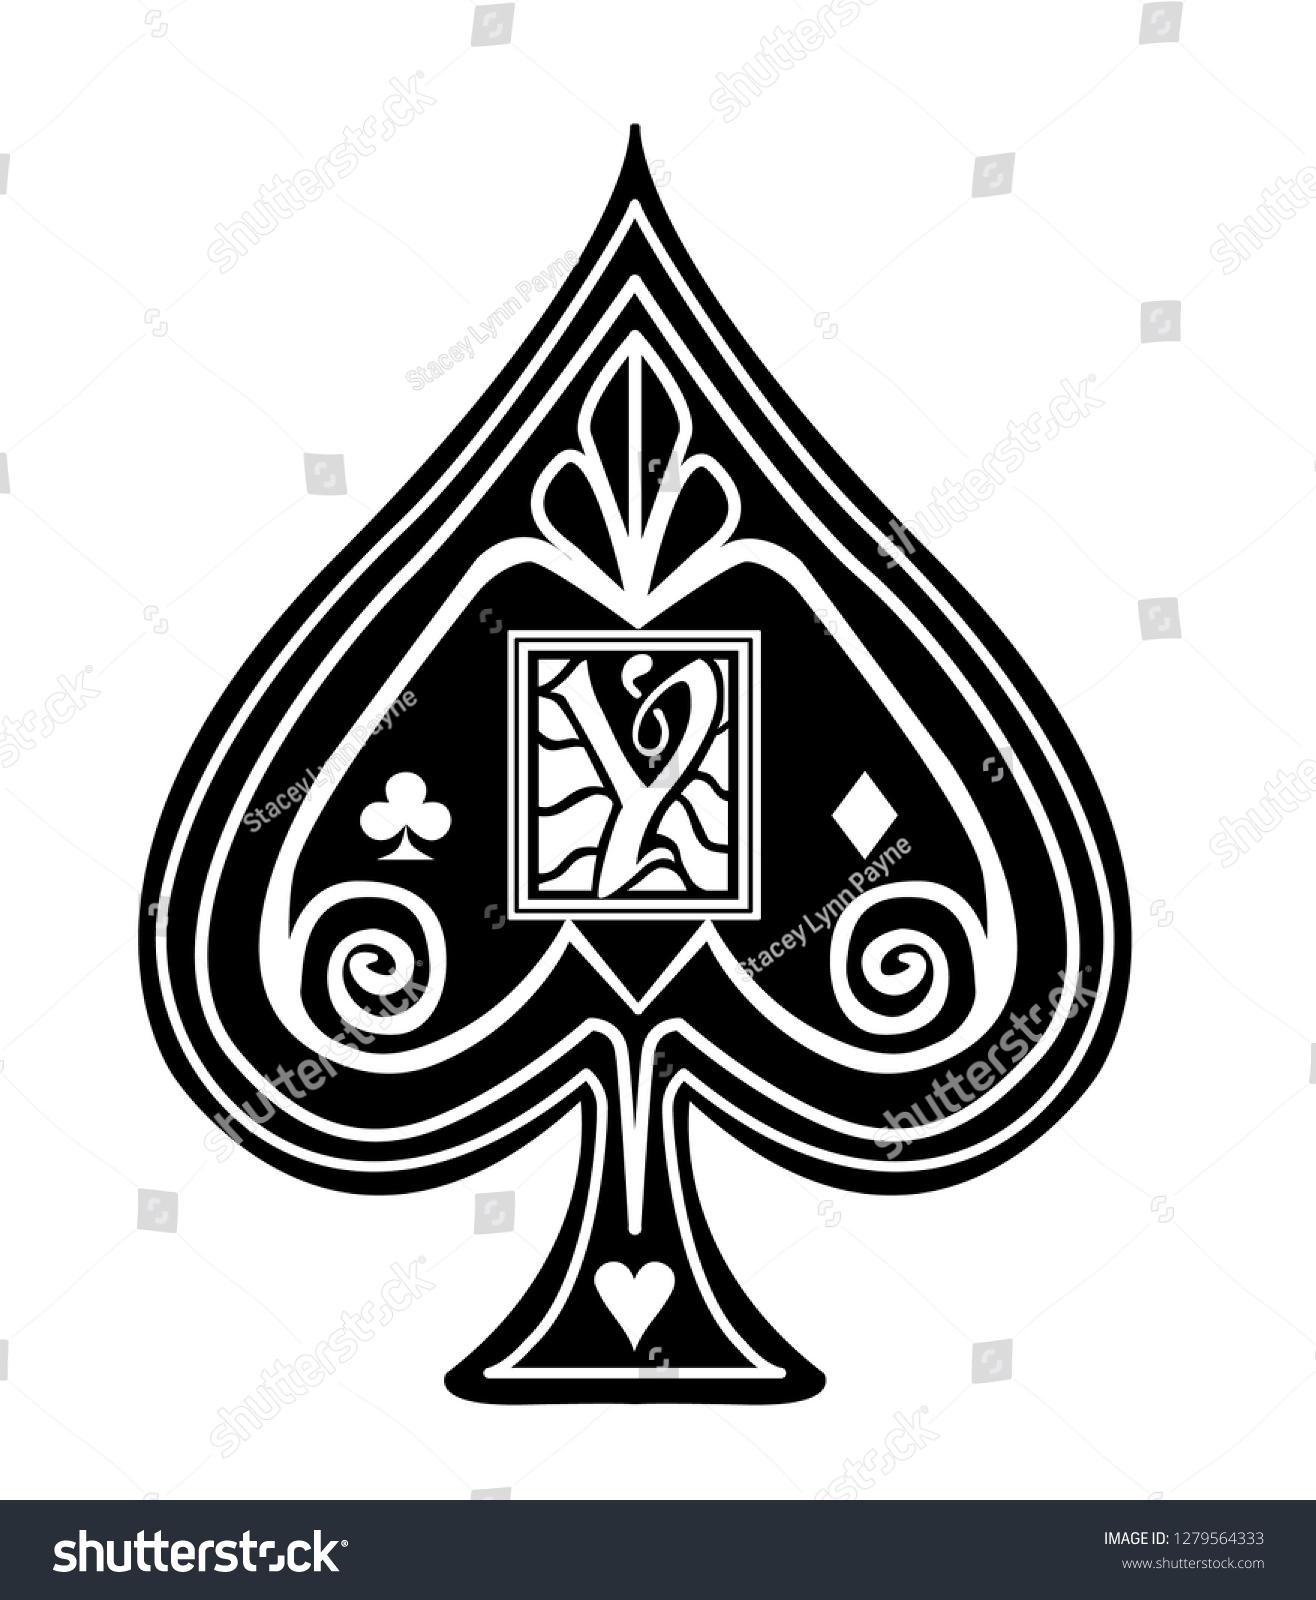 fancy spade card symbol  Fancy Black Spade Card Suit Y | Signs/Symbols Stock Image